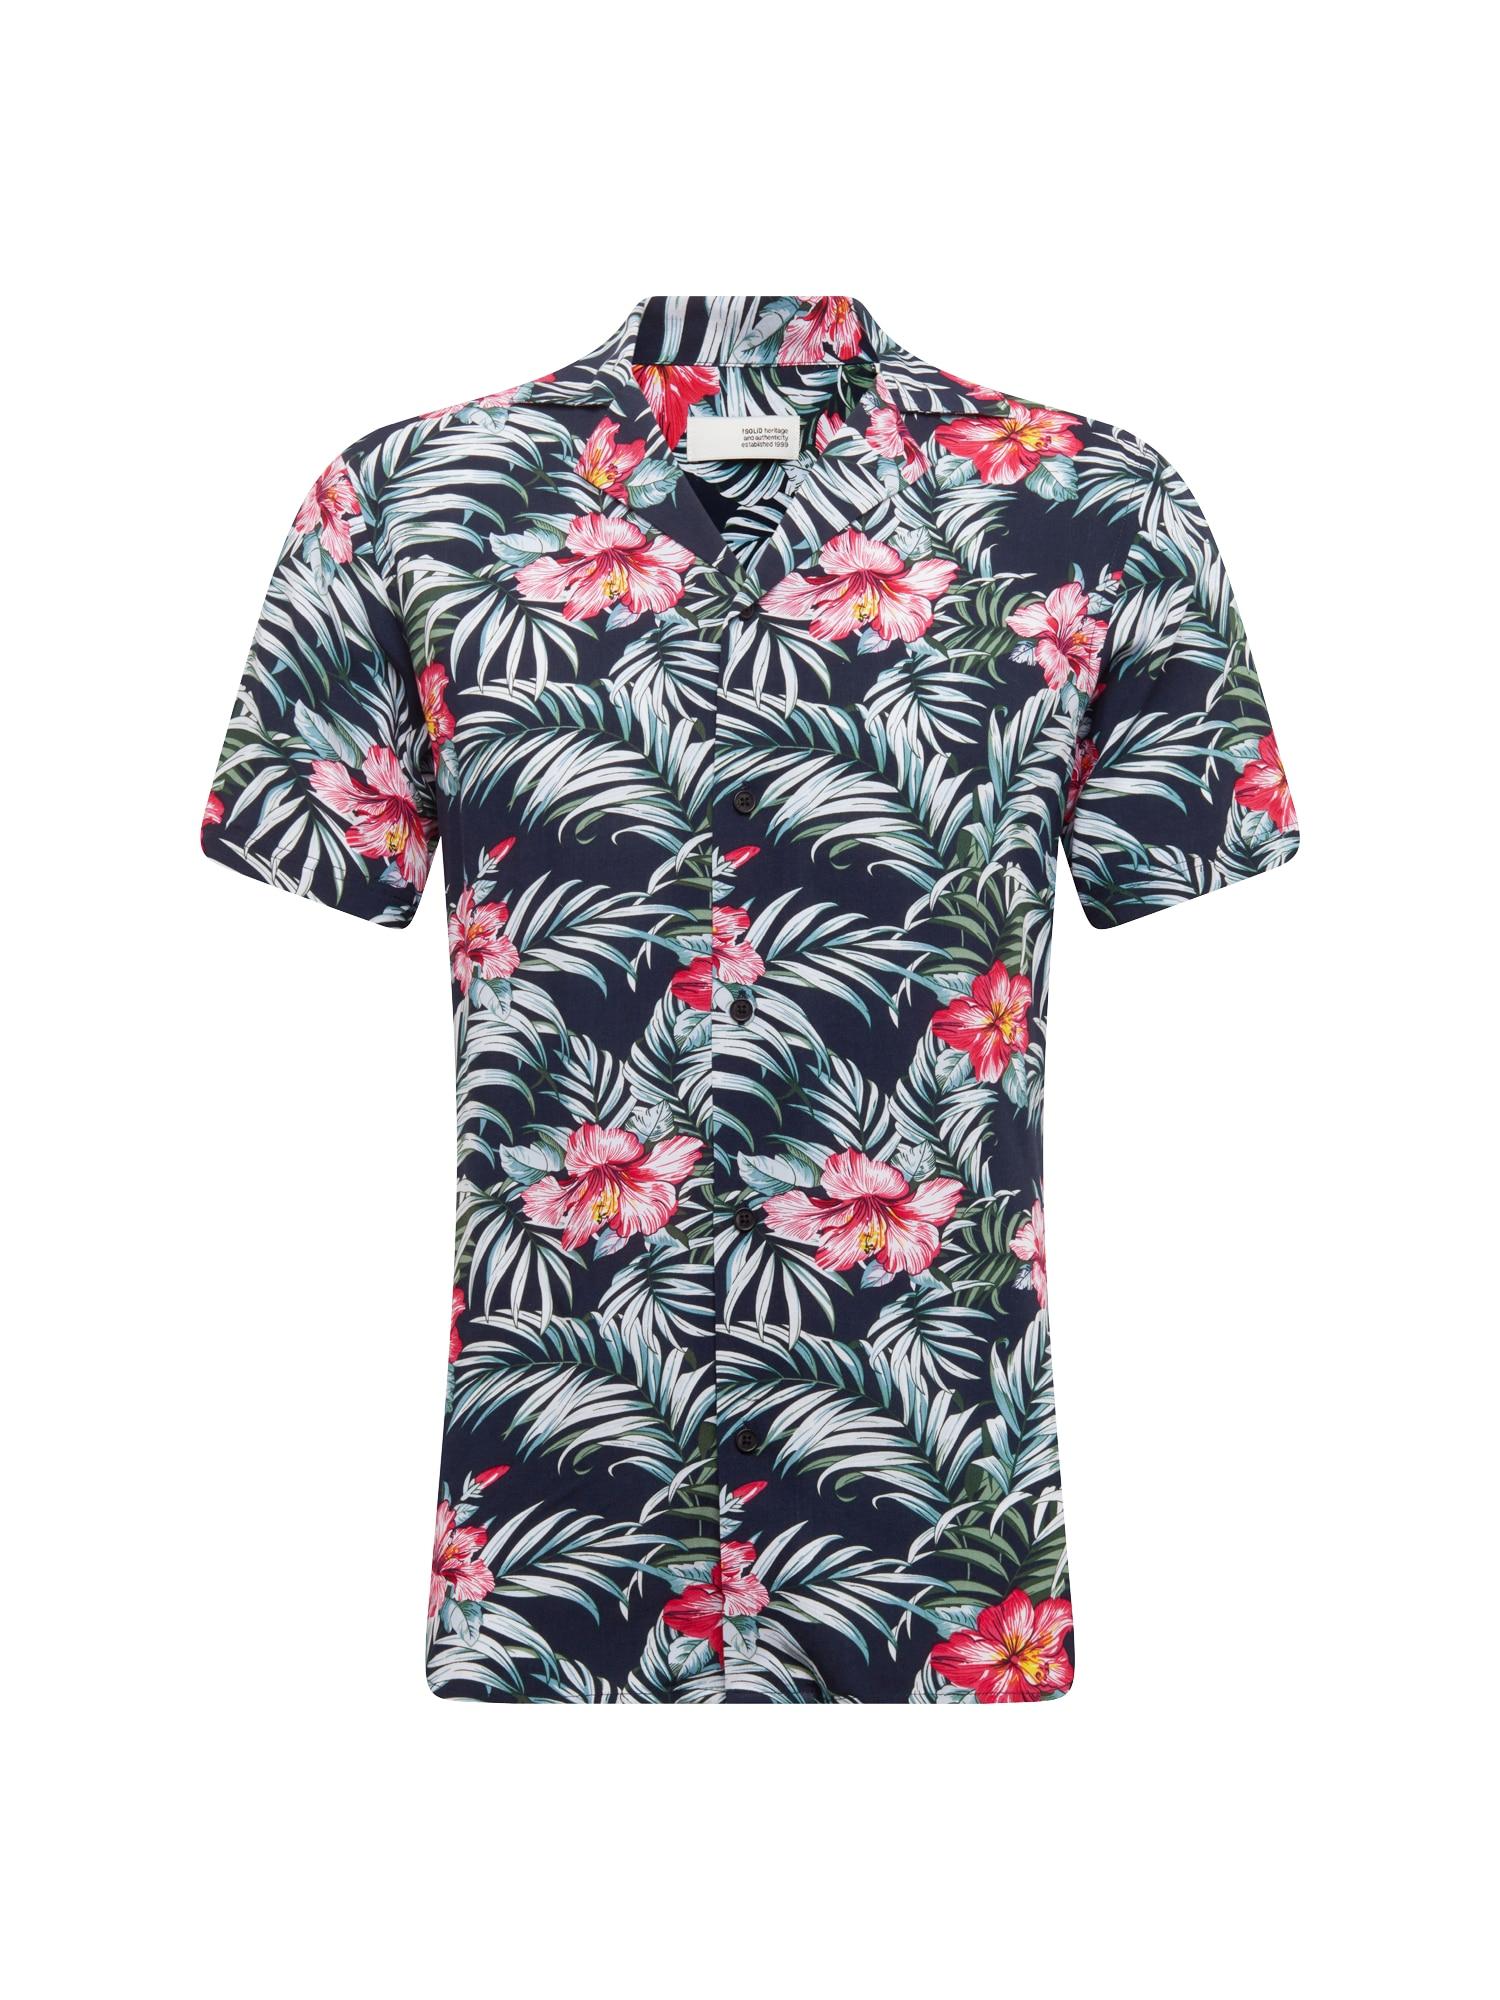 Košile Shirt - Brando Tropic SS zelená černá bílá !Solid